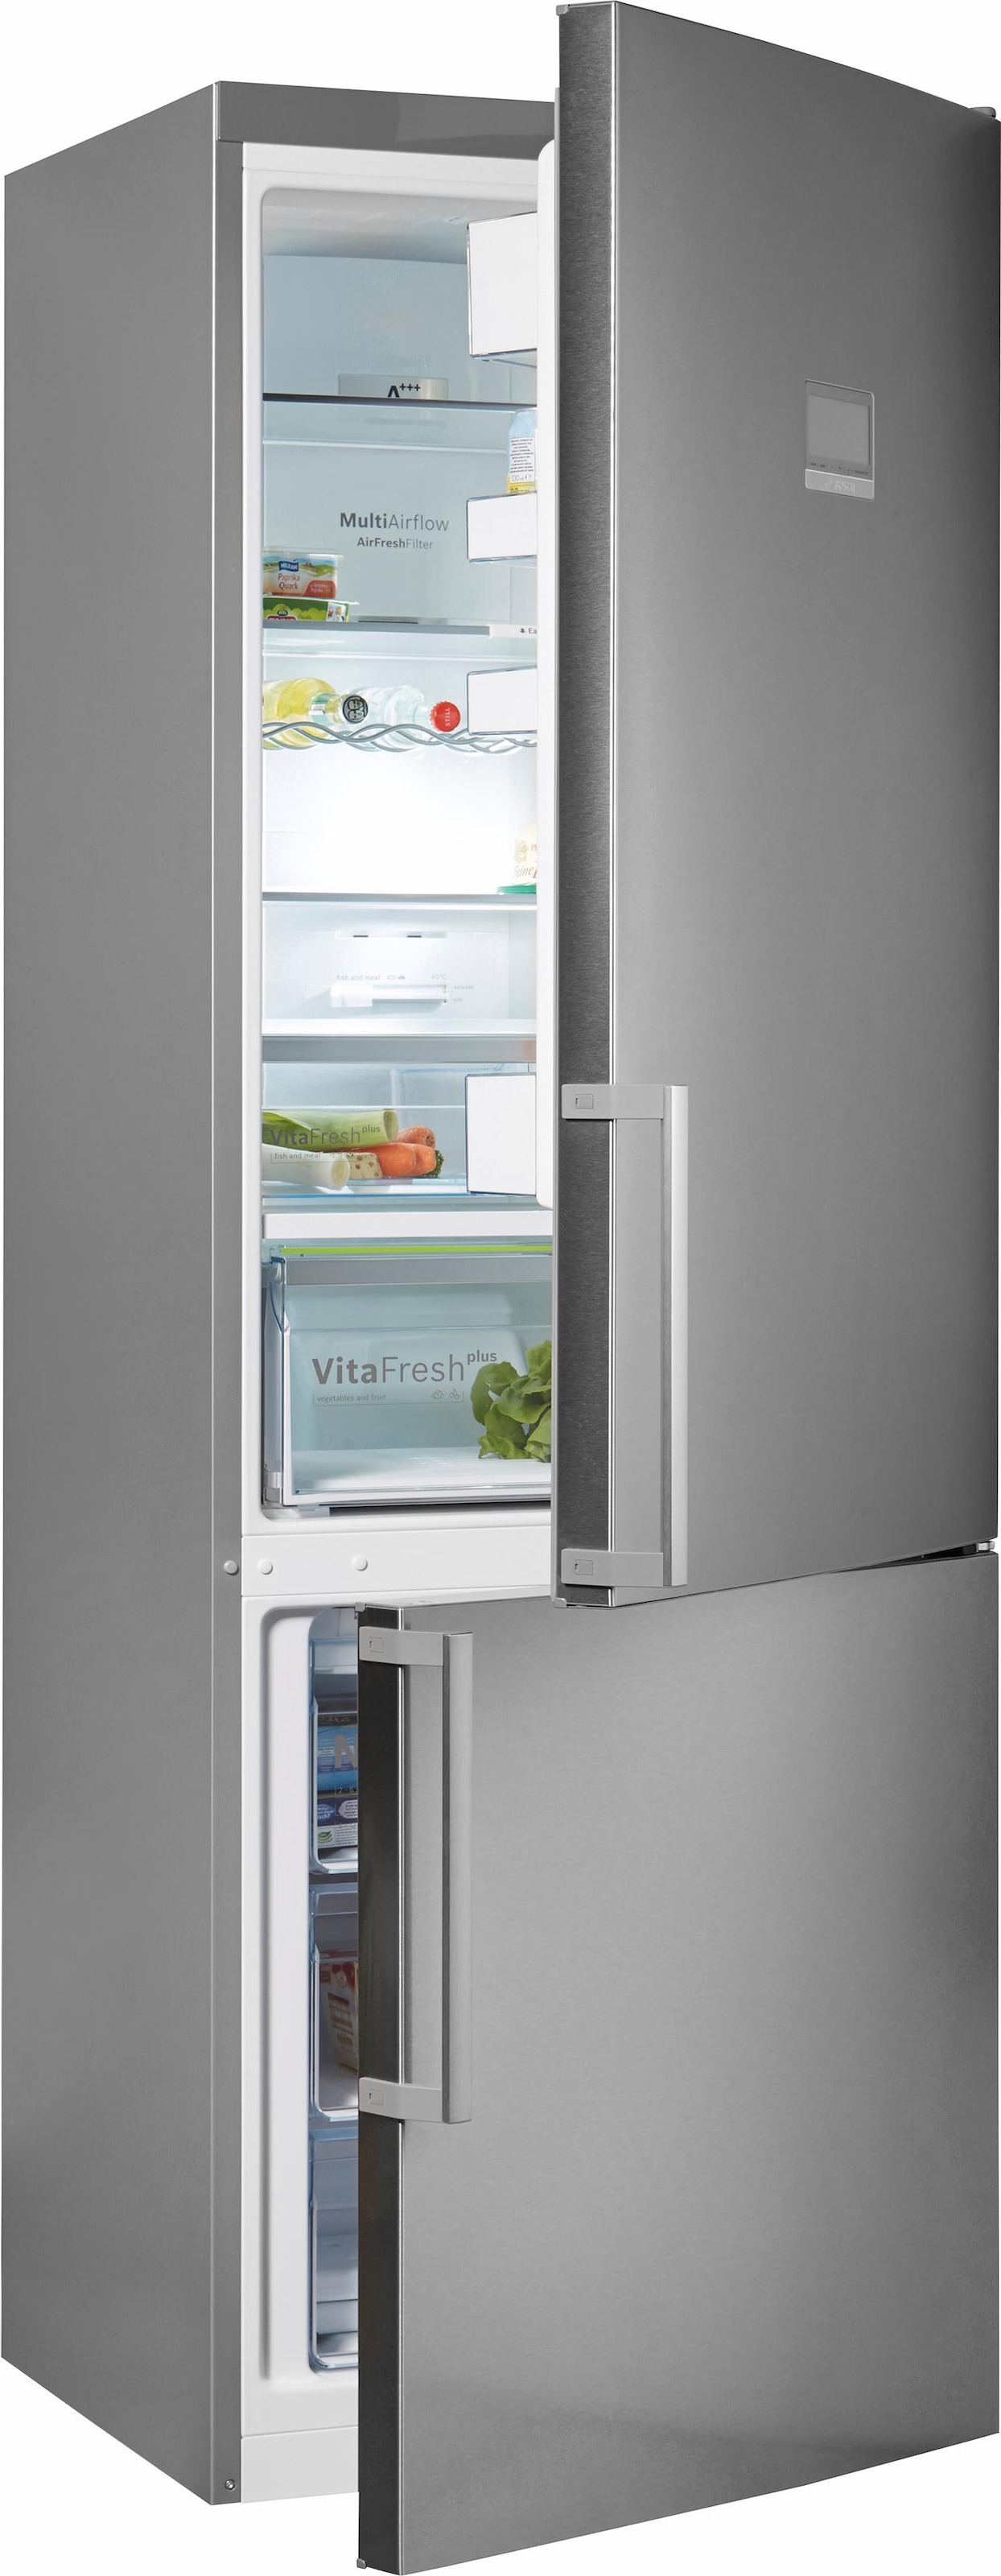 Bosch Kühlschrank Gefrierkombination : Bosch kühl gefrierkombination kgn ai cm hoch nofrost baur